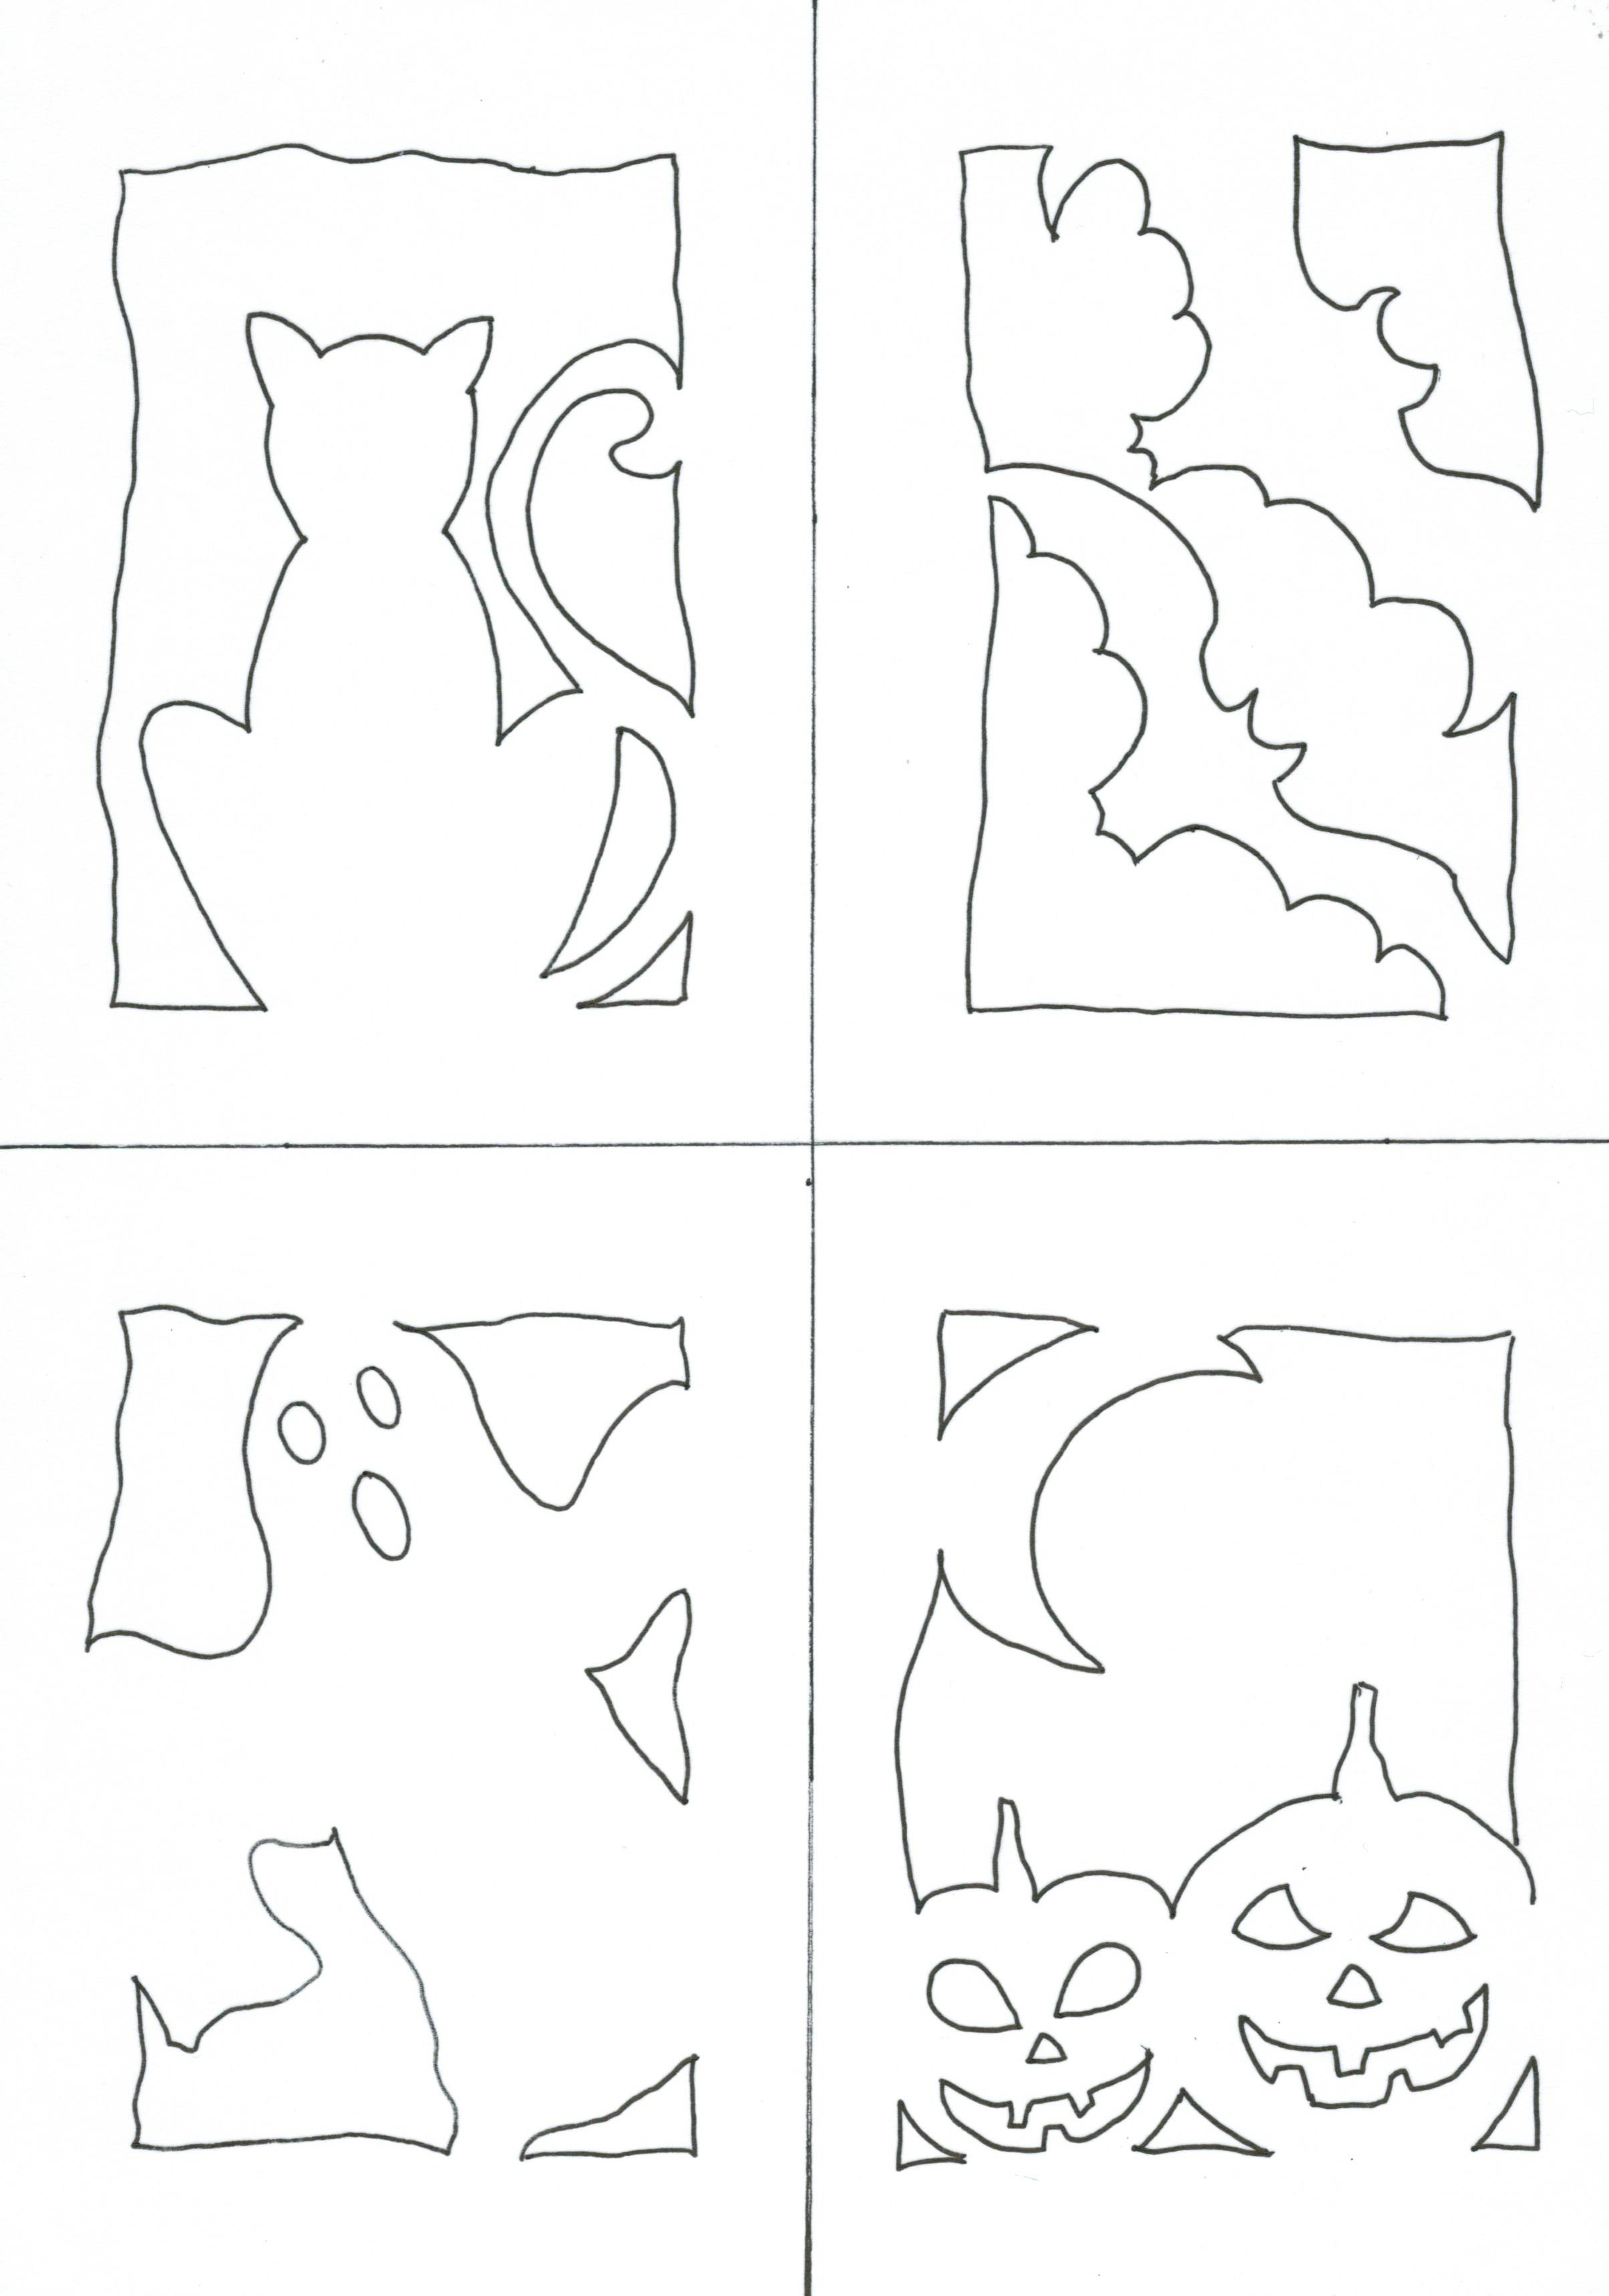 Basteln mit Papier - natalehle.de - Unikate aller Art